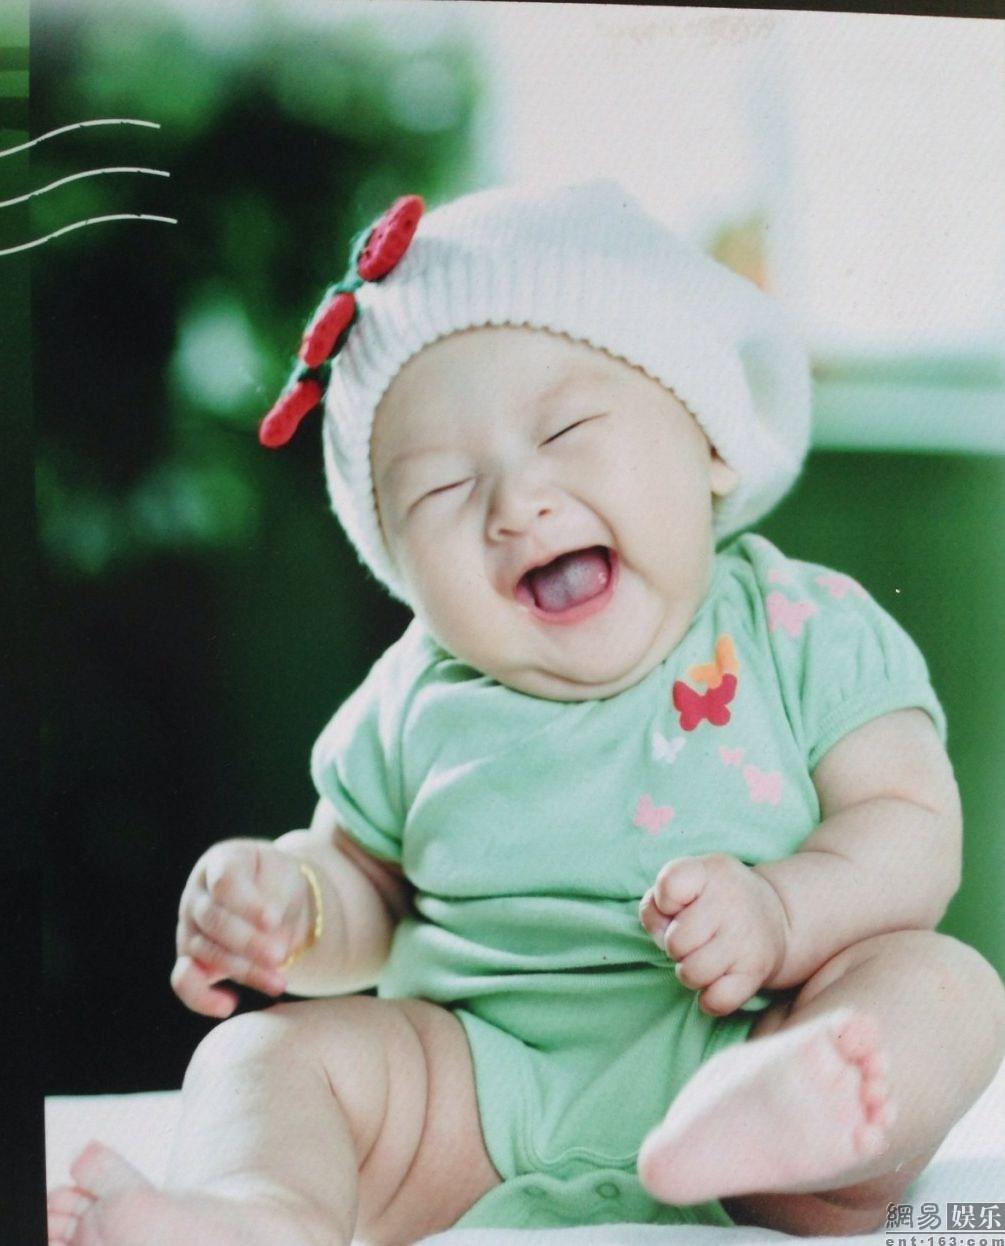 湖南卫视《爸爸去哪儿》热播也捧红了参加节目的一众明星宝宝